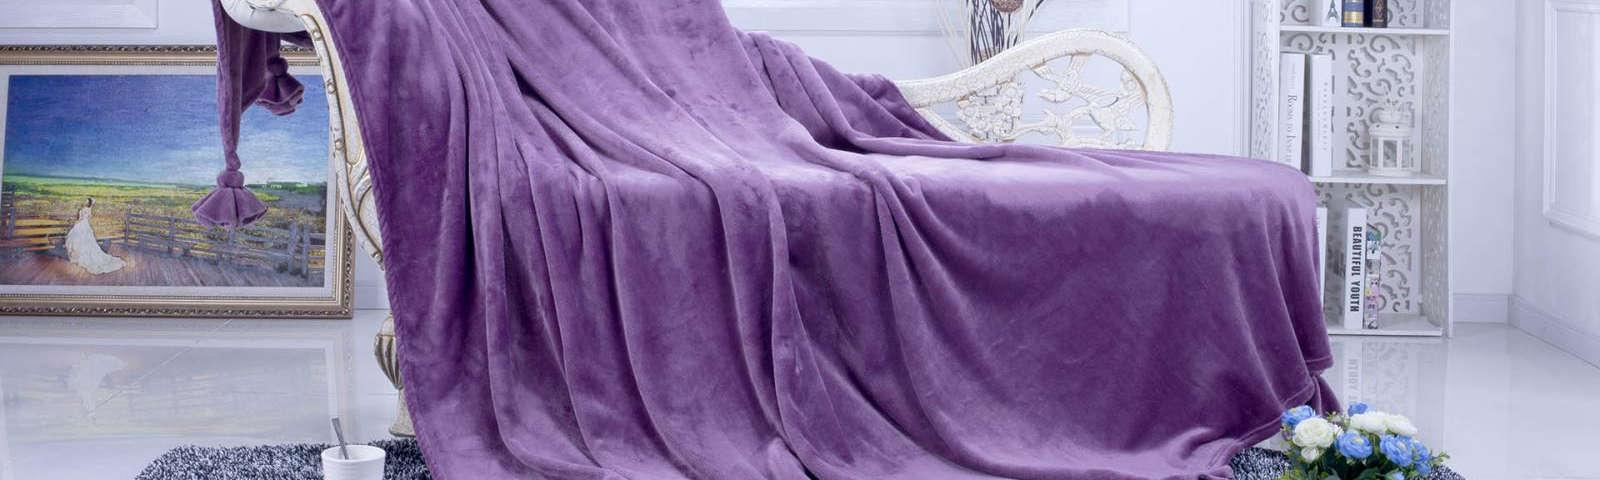 плед на кровати фото